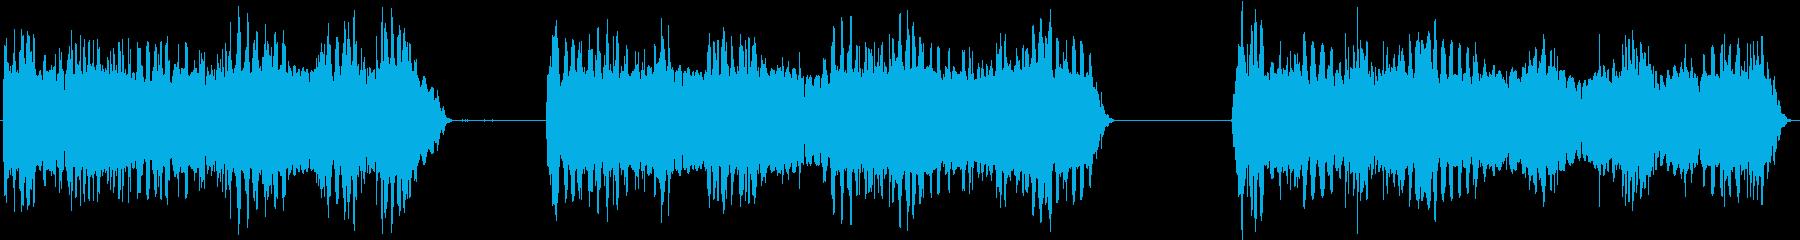 トーンシンセランダムの再生済みの波形